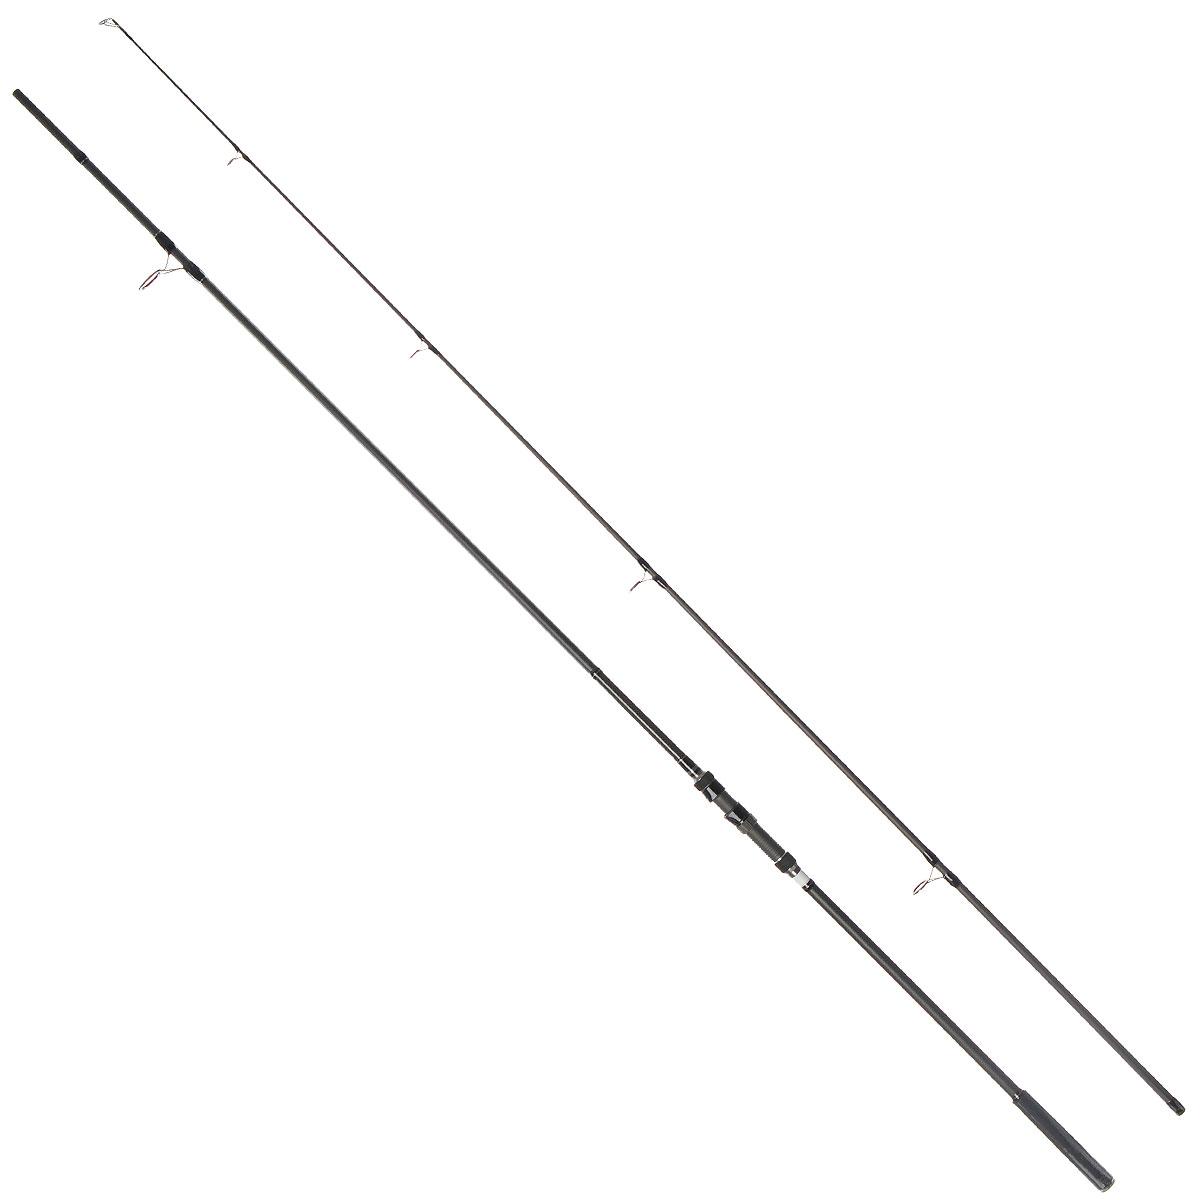 Удилище карповое Daiwa Windcast Carp, 3,6 м, 3,5 lbs0031547Daiwa Windcast Carp - это высококлассное карповое удилище с феноменальными рабочими характеристиками. Особенности удилища: Бланки из высокомодульного графита обеспечивают высокую чувствительность и мощность. Армирующая графитовая оплетка по всей длине. Надежный катушкодержатель от Fuji Пропускные кольца со вставками Sic. Флуоресцентная полоска с подсветкой специально для ночной ловли. Поставляется в чехле для переноски и хранения. Тест: 3,5 lbs.